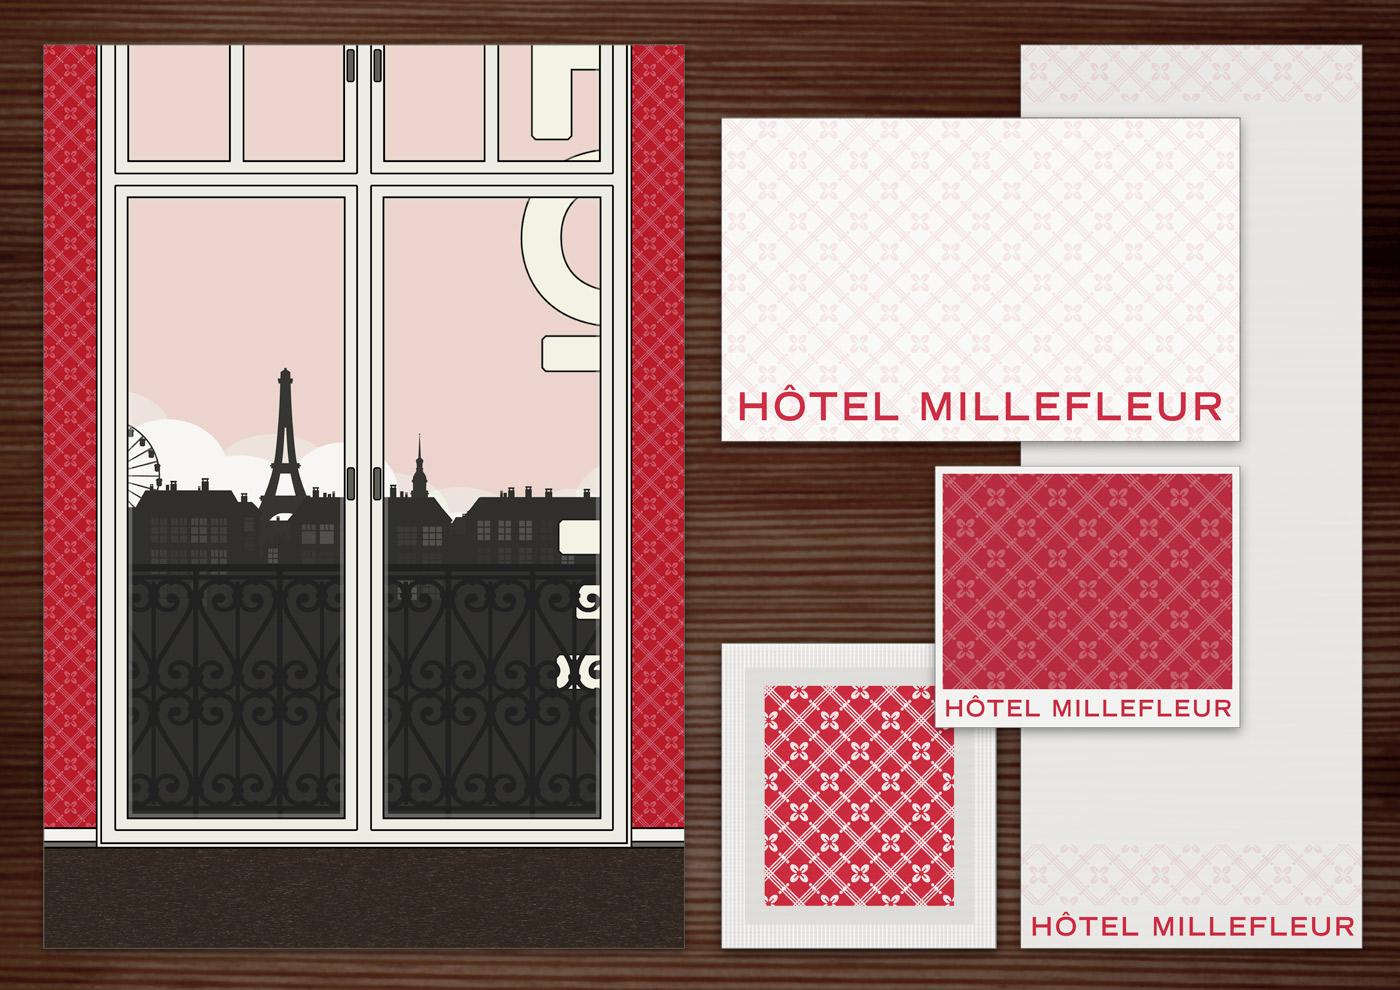 Corporate Identity, Logo und Grafik Design für Werbung, Schilder, Poster, Postkarten, Flyer, Notizblock, Visitenkarten, Streichholzbriefchen und Buttons mit Blümchen für Lily Lux Millefleur Hotel